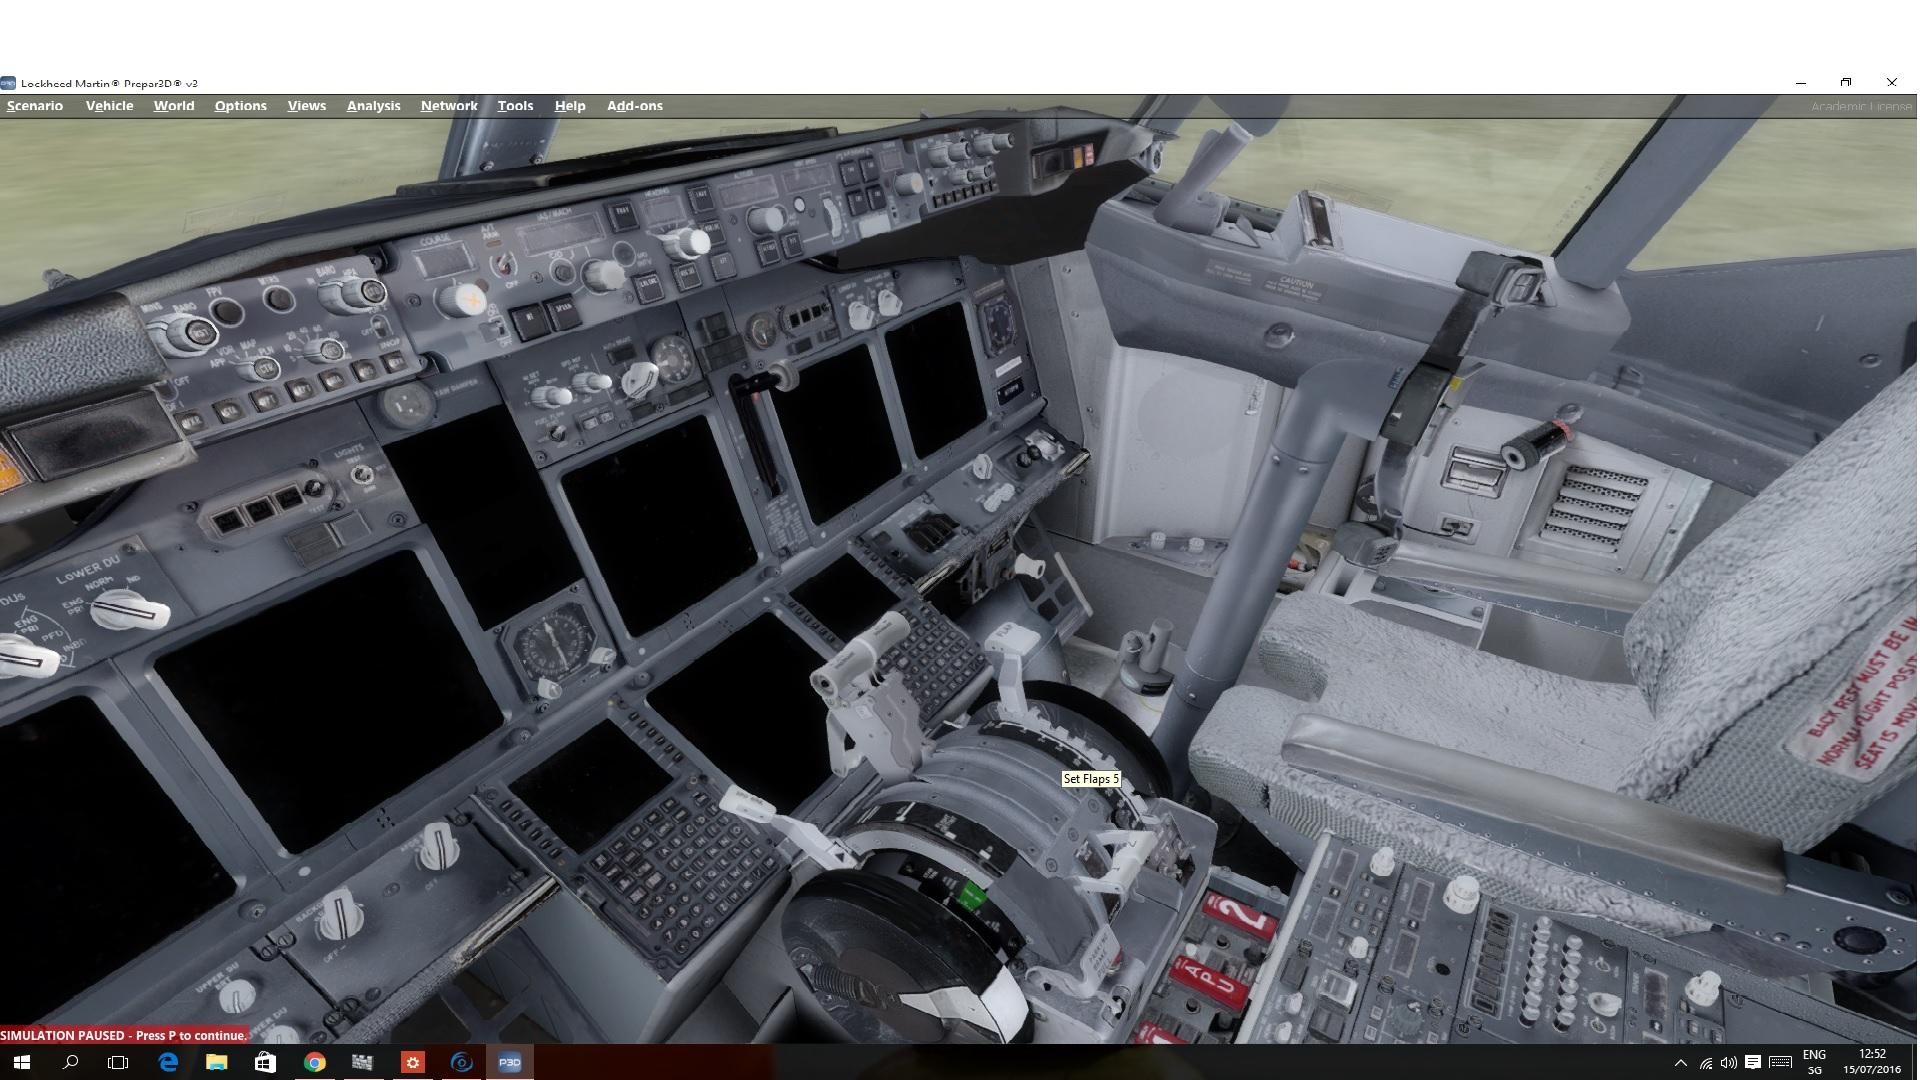 PMDG NGX P3D V3 not initializing, no gauges, no panel but